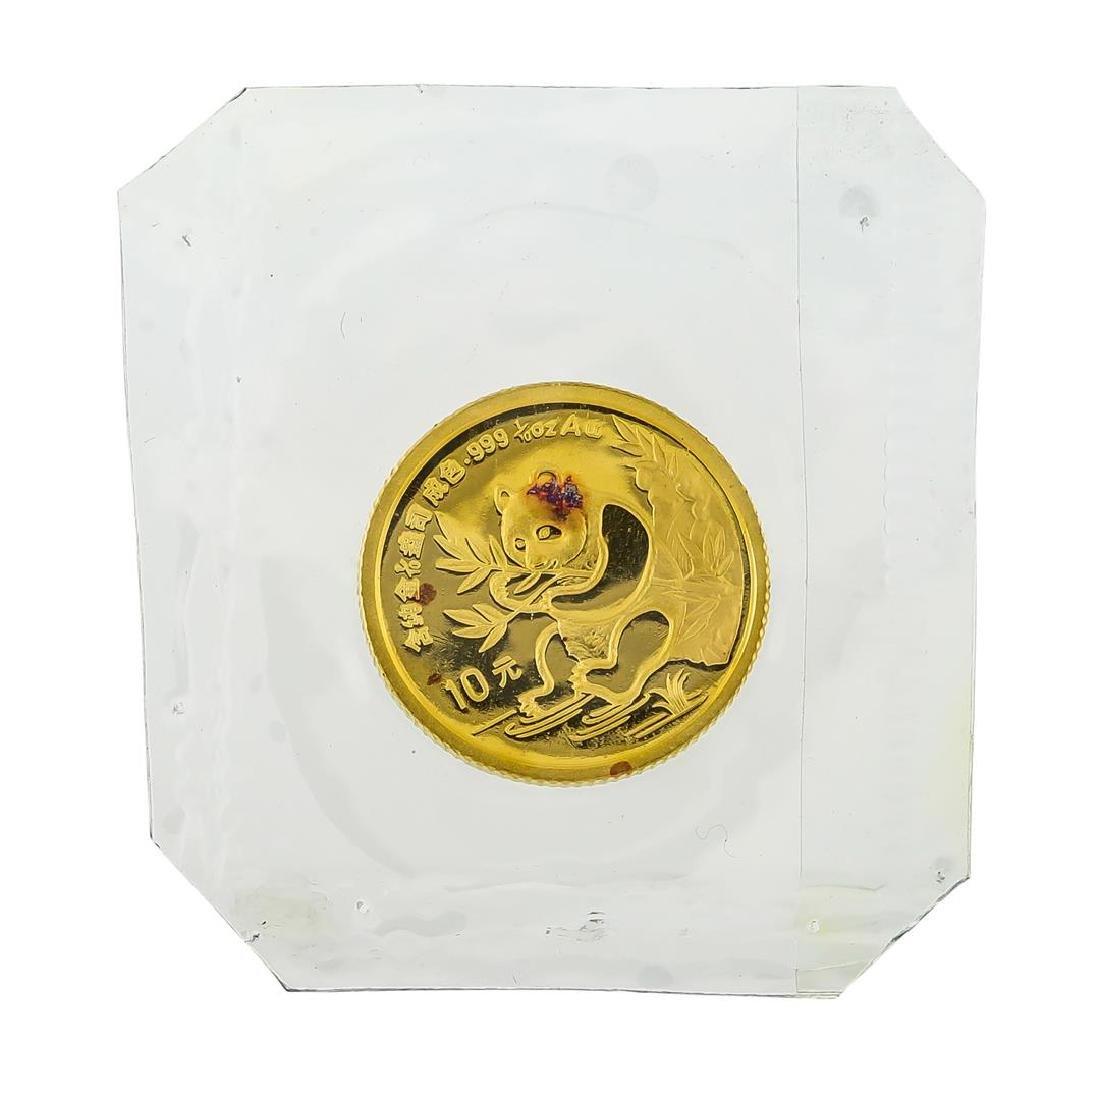 1991 China 1/10 oz. Panda 10 Yuan Gold Coin - Sealed